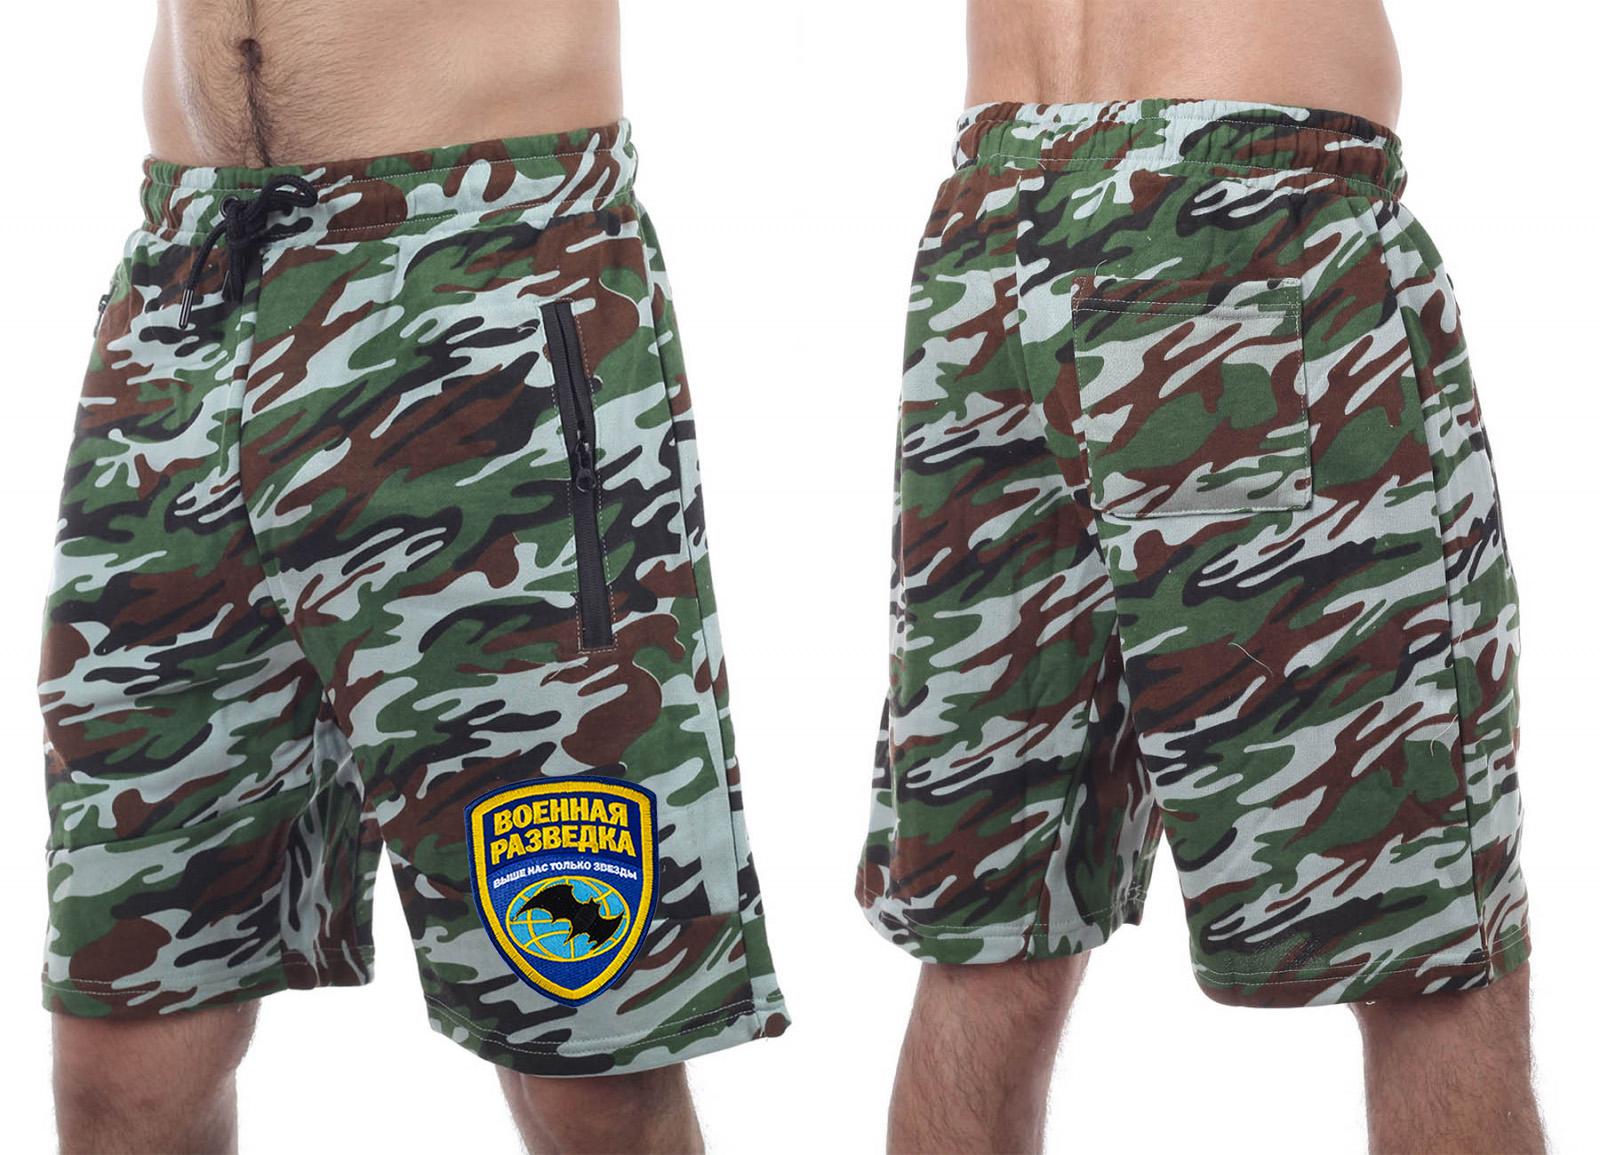 Камуфляжные шорты New York Athletics.